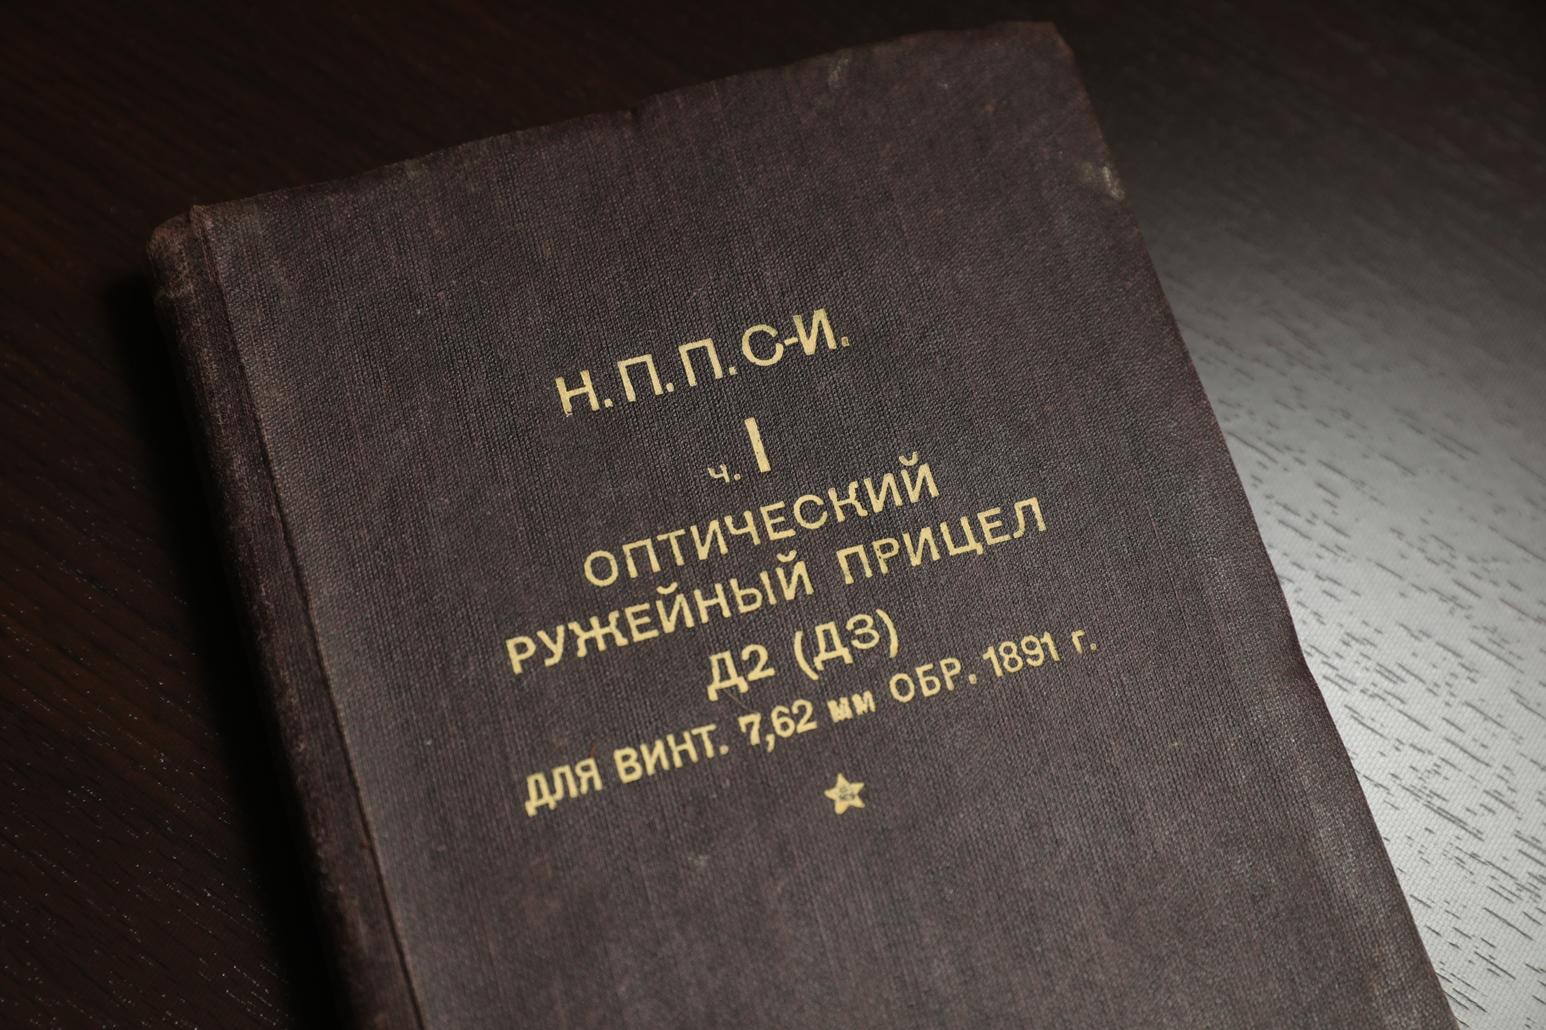 «Наставление по подготовке стрелков-истребителей прицел Д2 (Д3)», ОГПУ и ДИНАМО, 1932 год